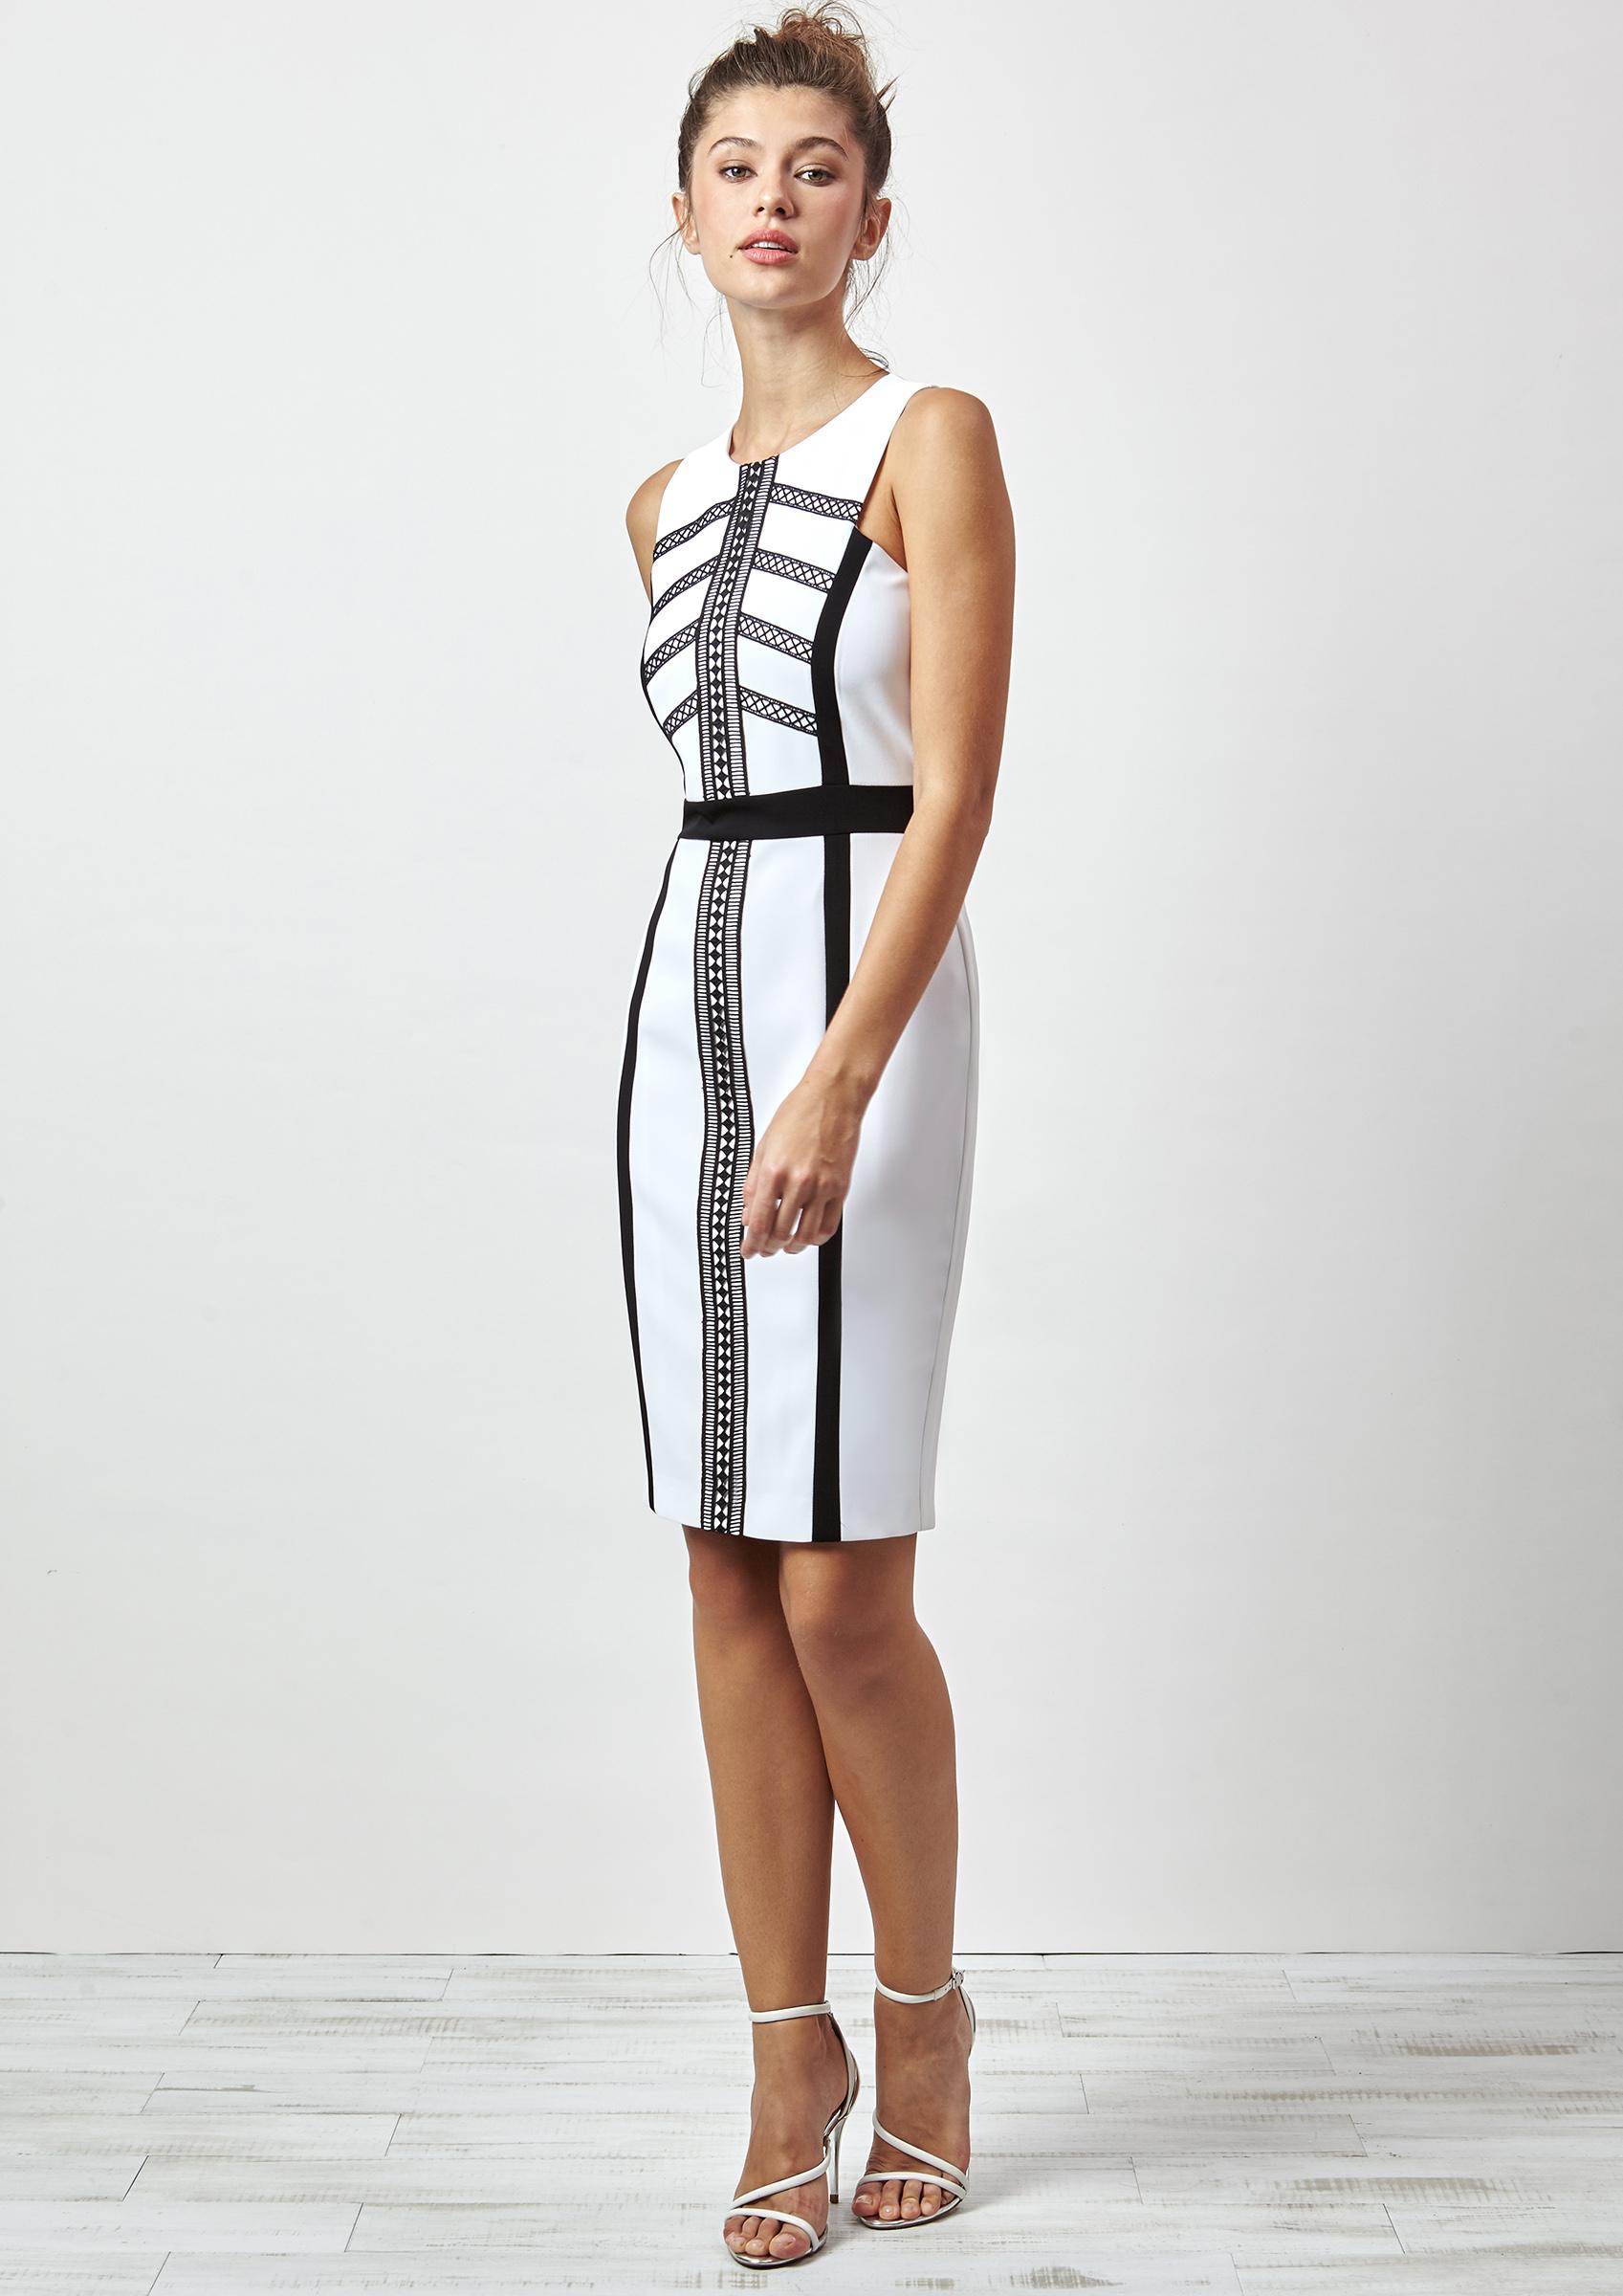 Vestido blanco y negro ajustado